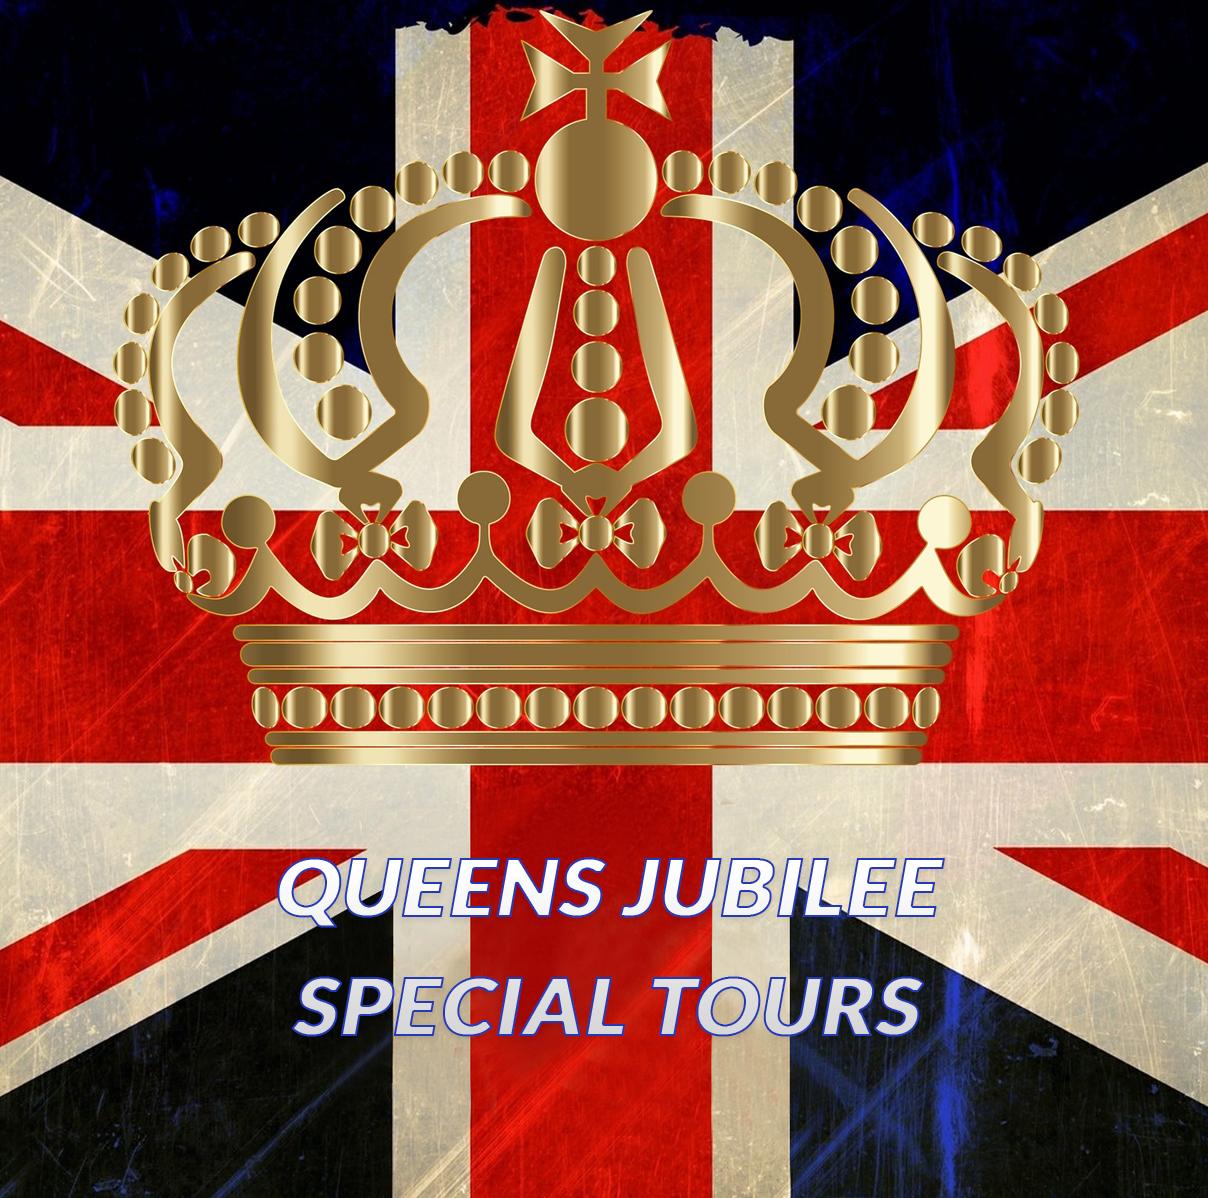 Queens Jubilee Special